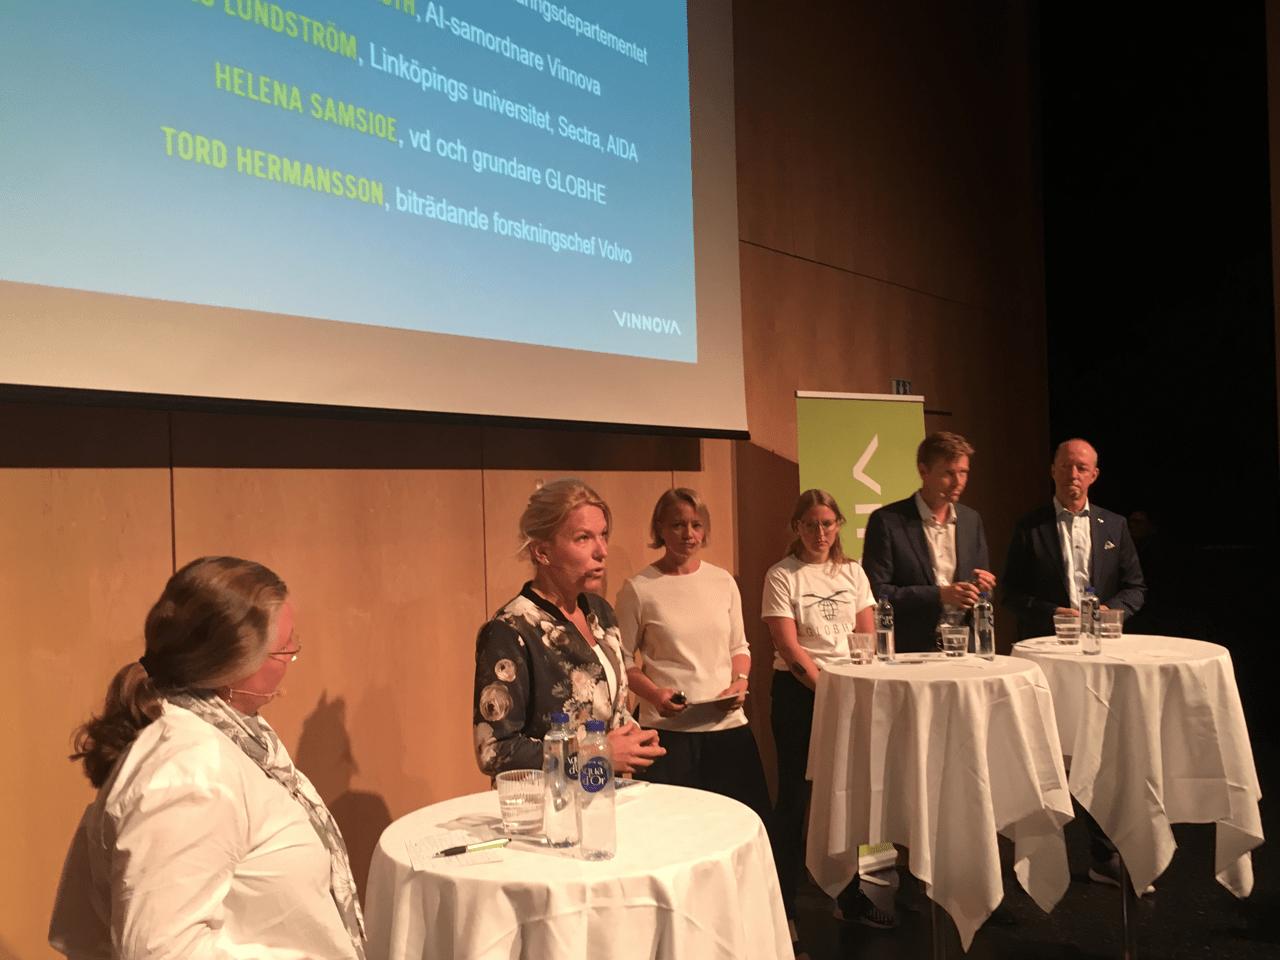 Snabbare tillämpning och samverkan bästa receptet för Sveriges AI-utveckling